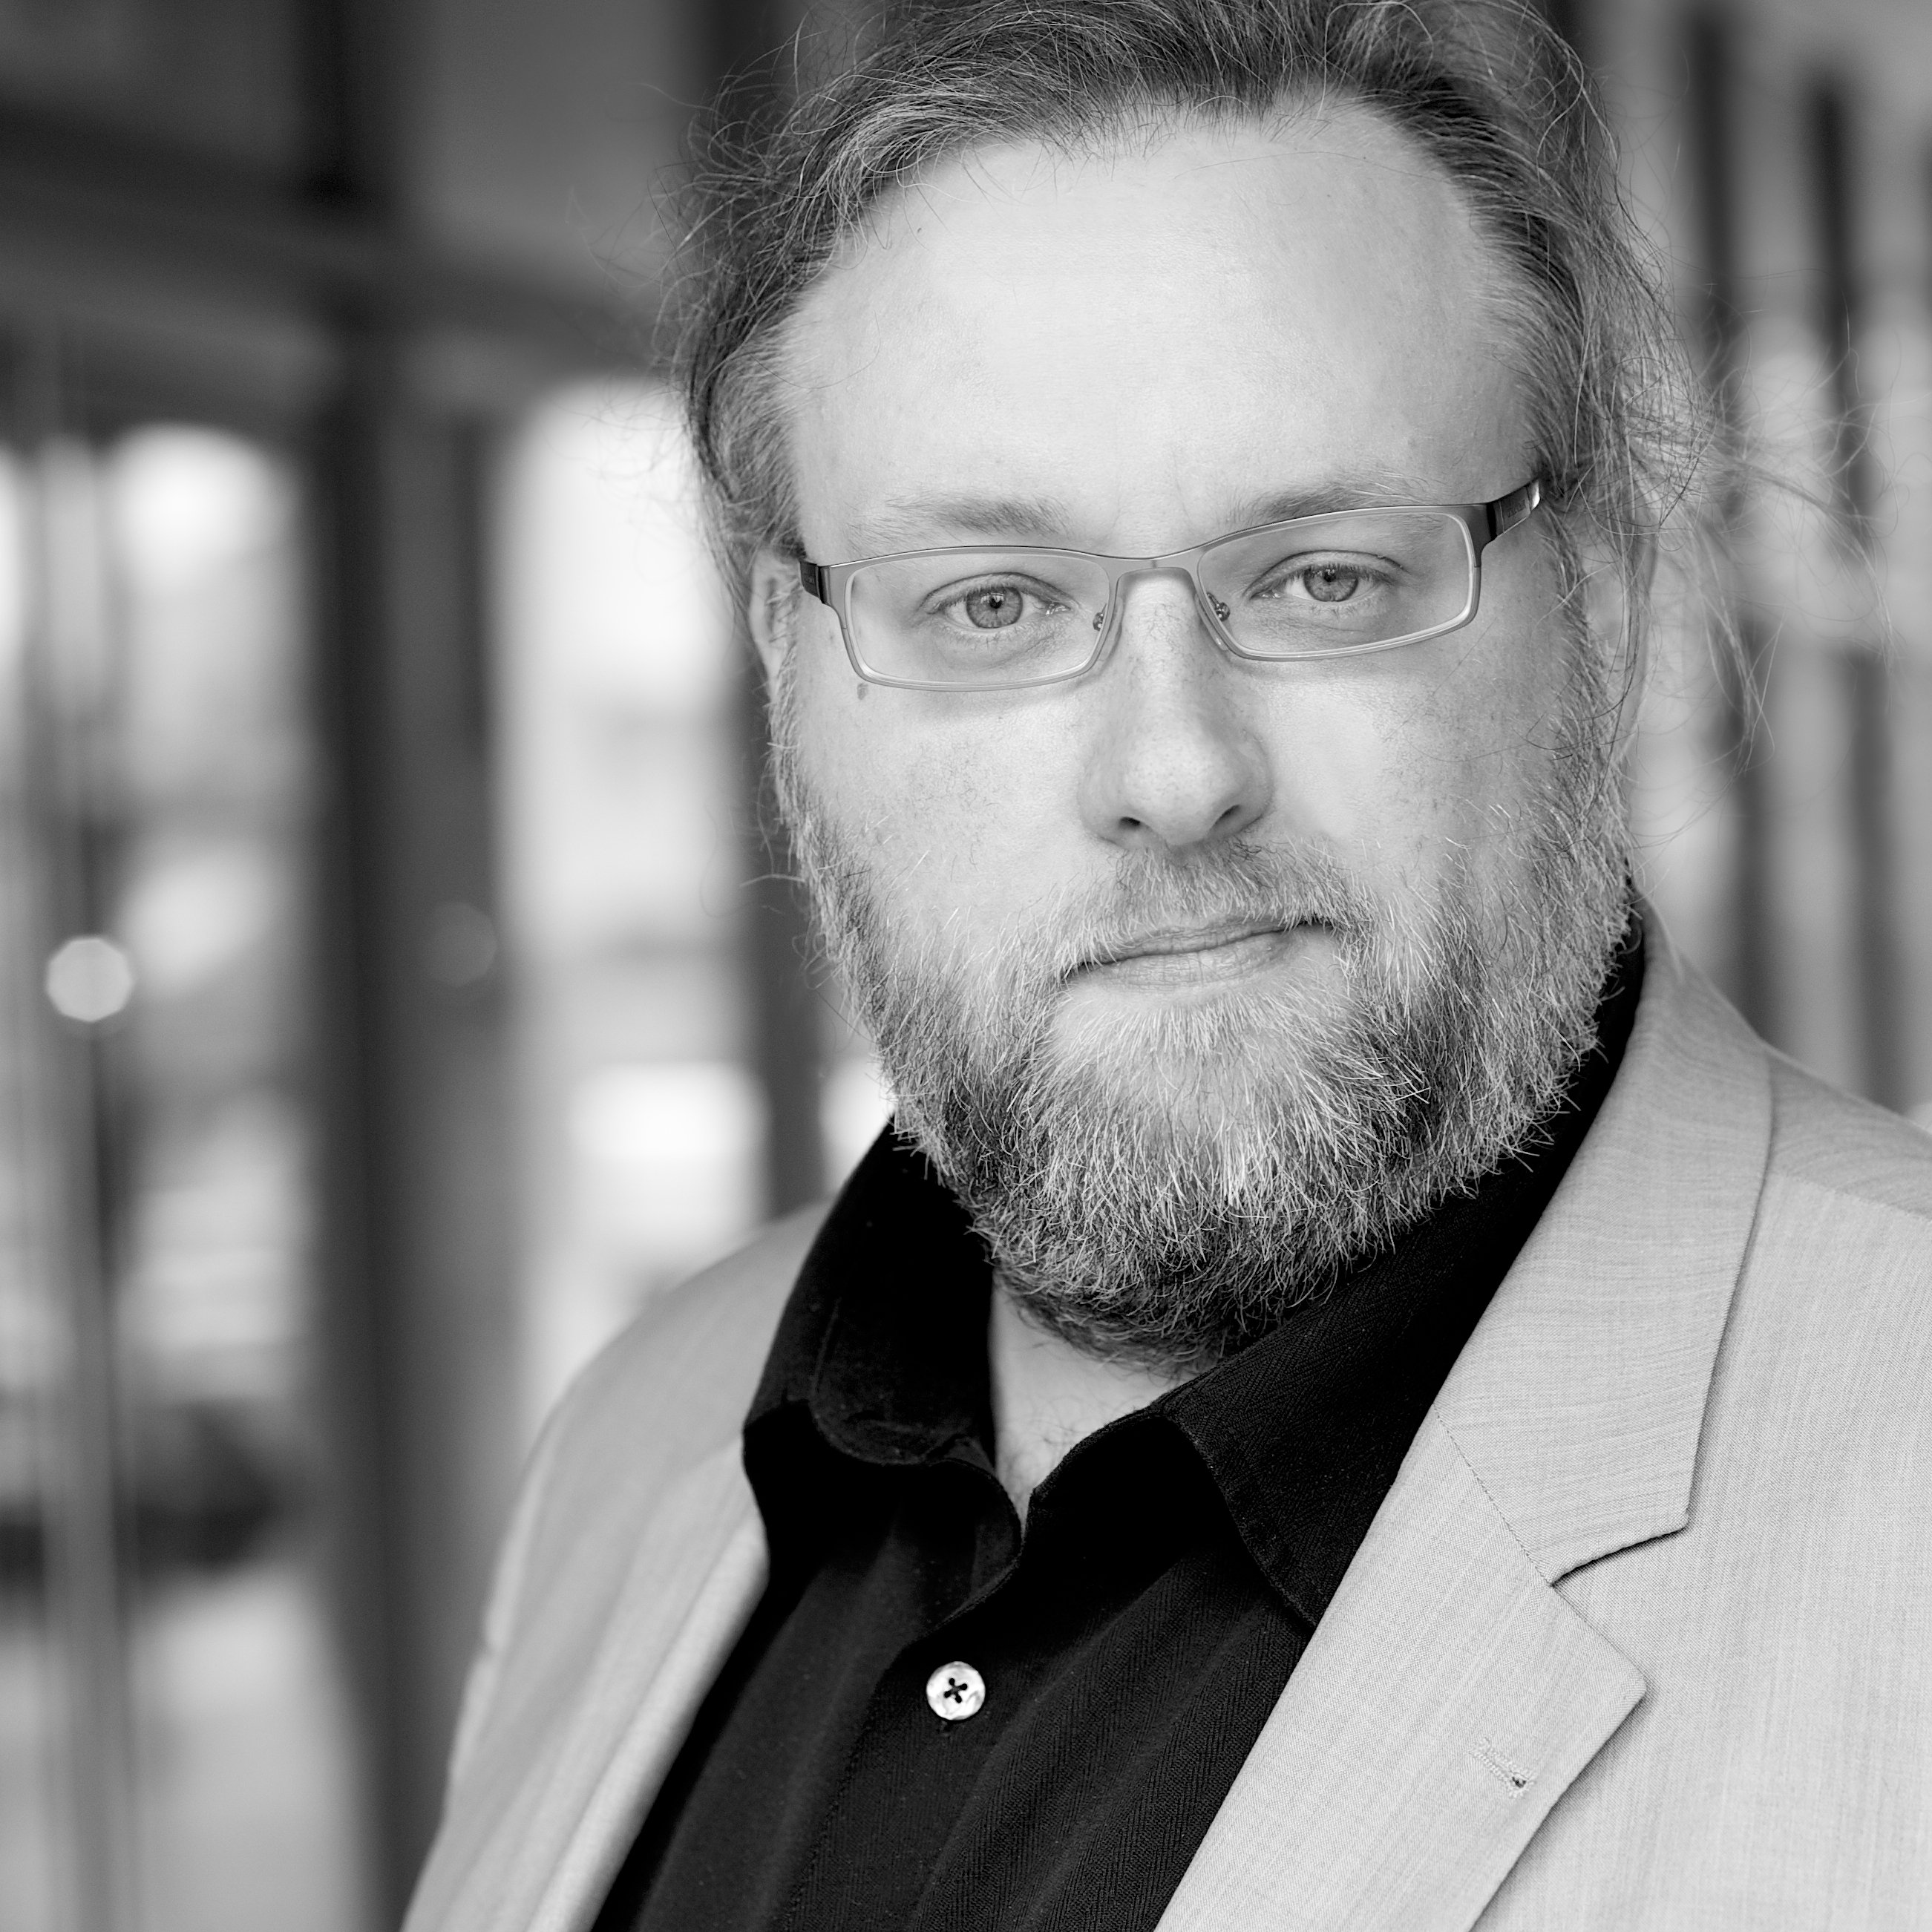 Wurde vom Kanzleramt zur Kooperation mit BND gedrängt: Klaus Landefeld.